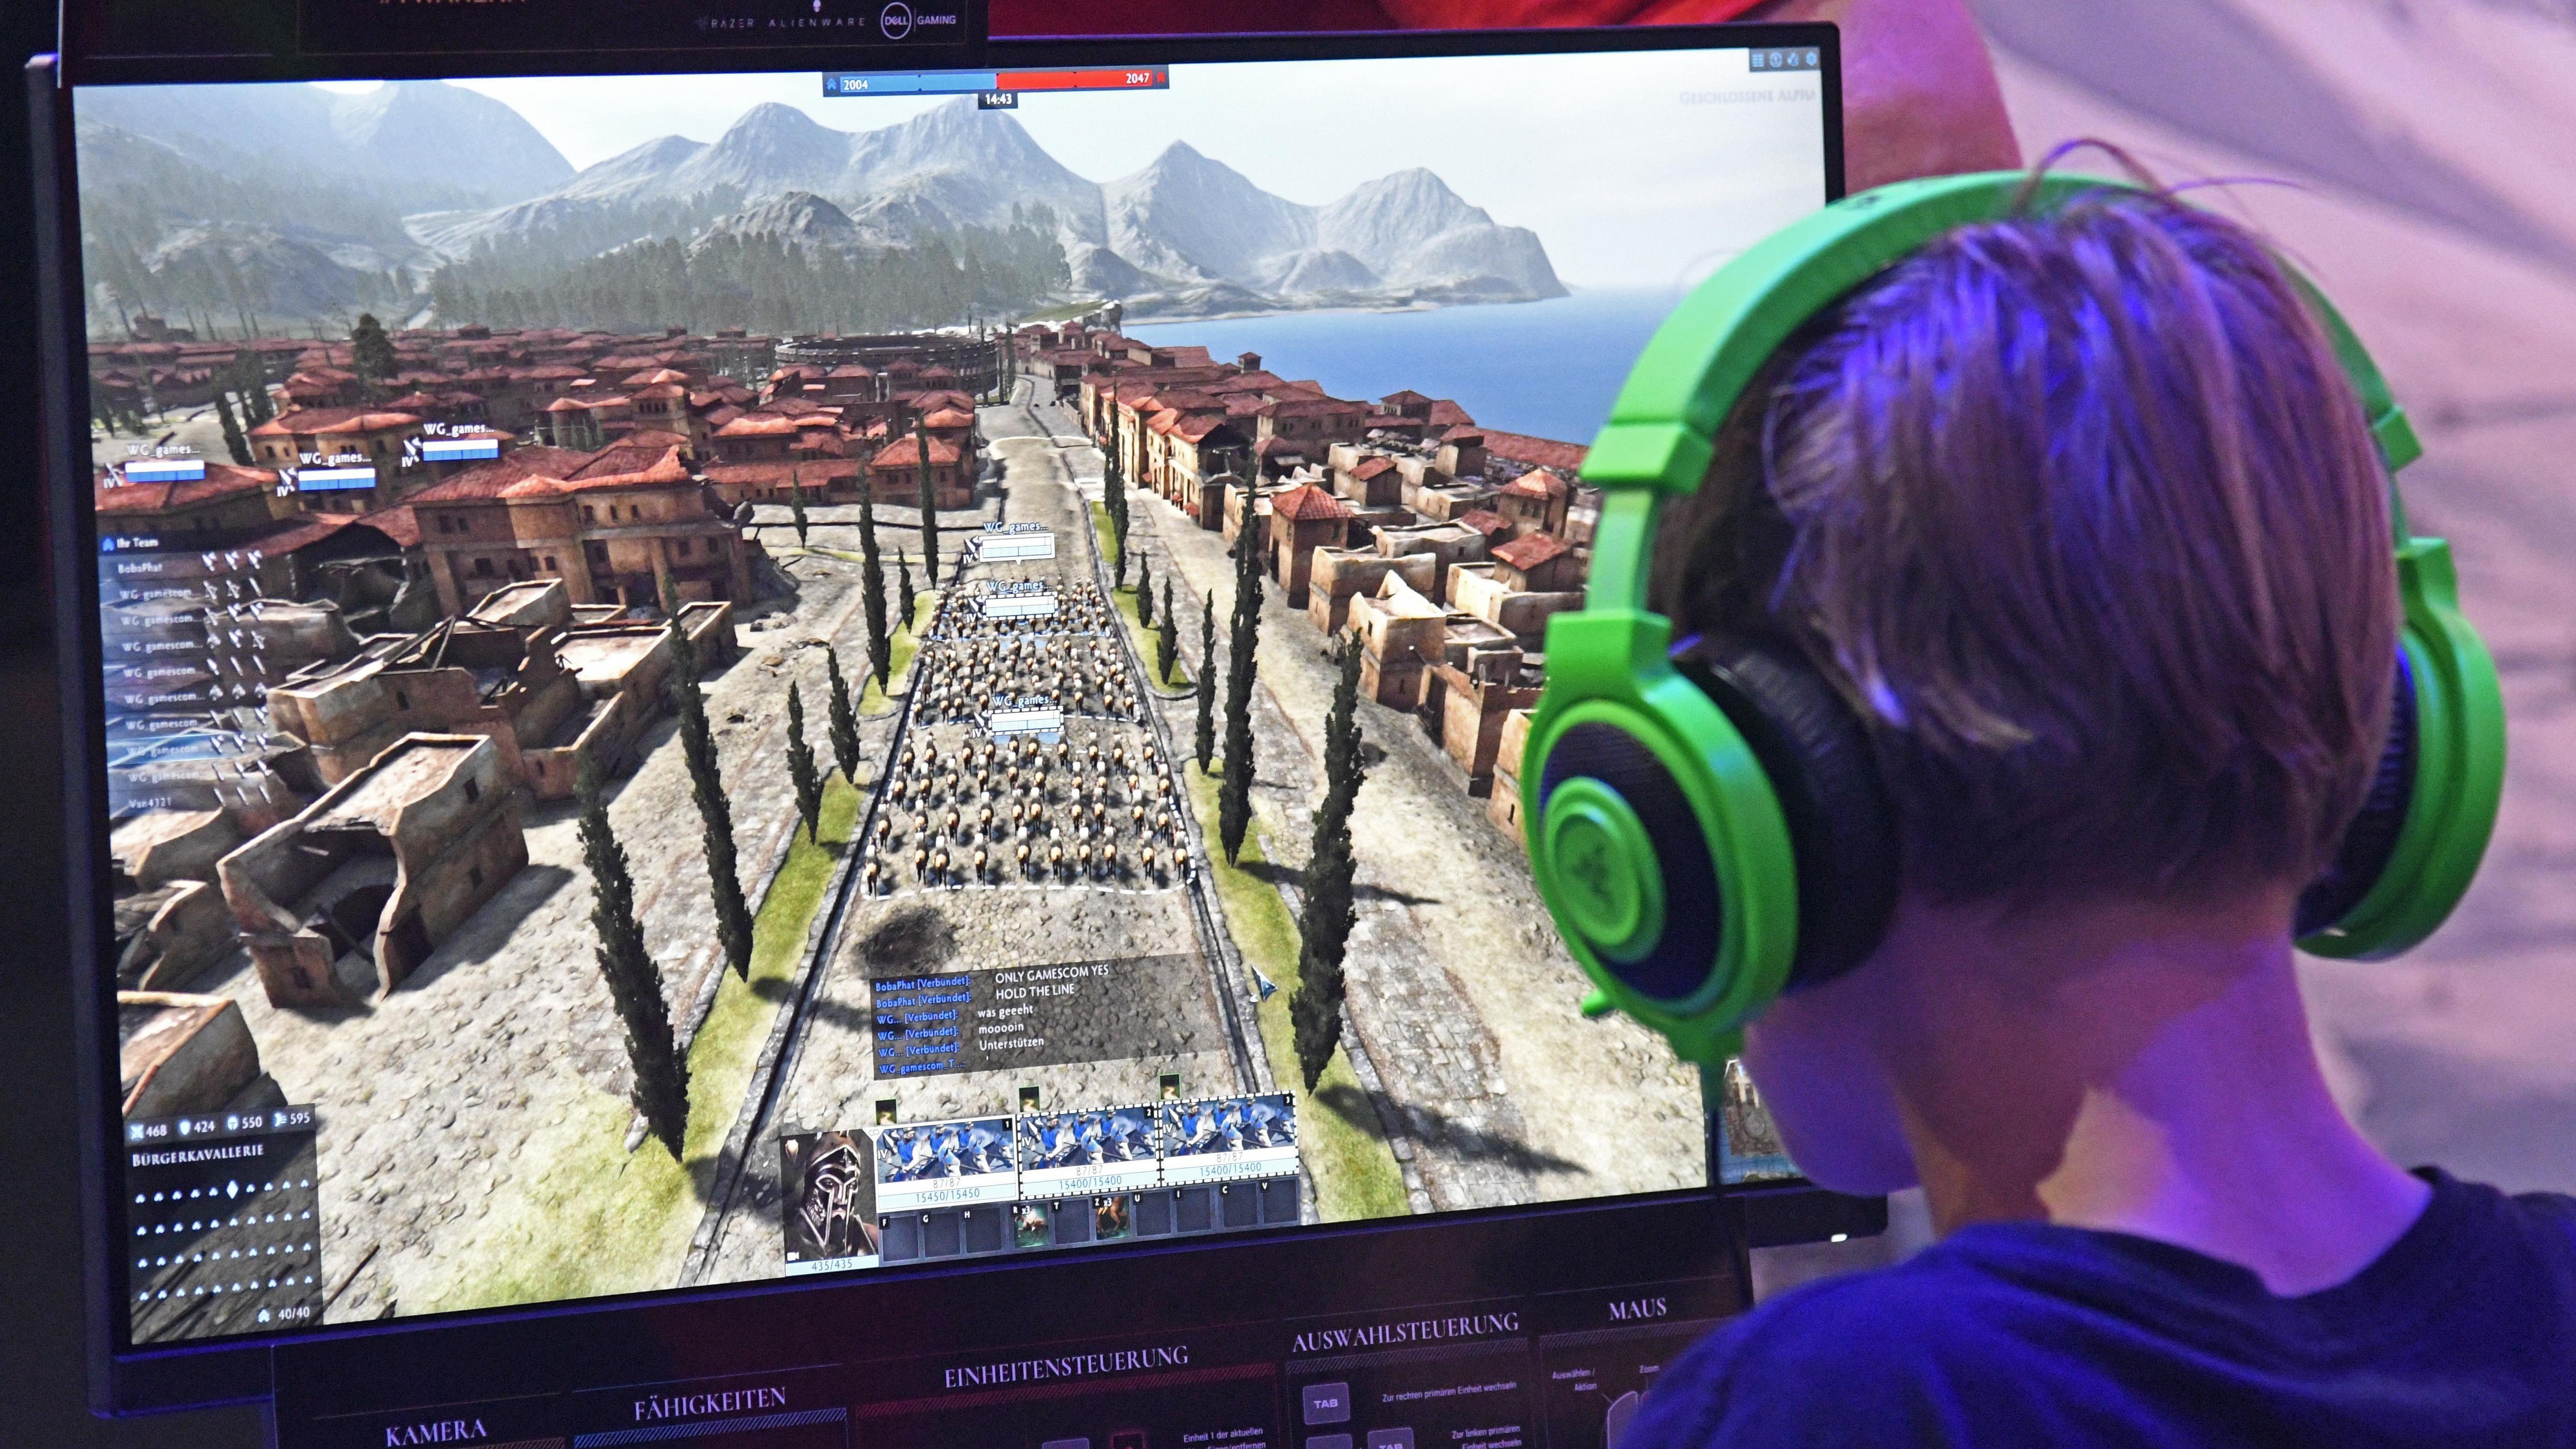 Ein Computer-Gamer am Bildschirm